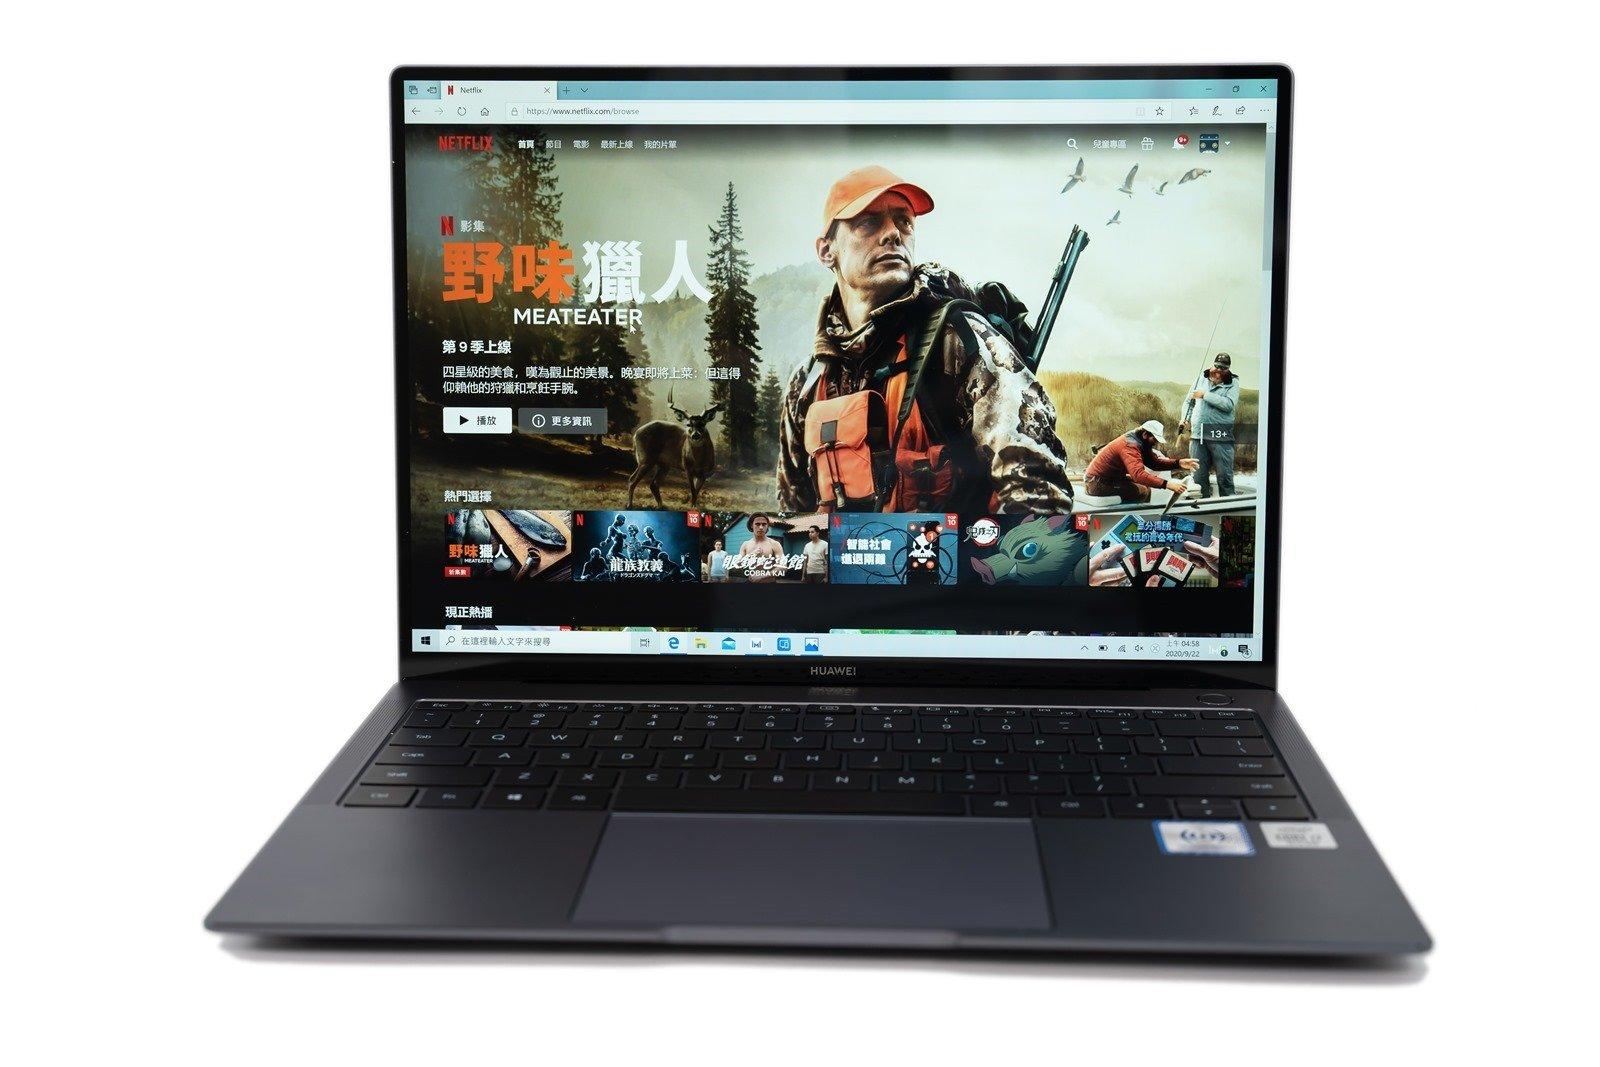 美型旗艦與創新技術的集合體 HUAWEI MateBook X Pro 新款! @3C 達人廖阿輝